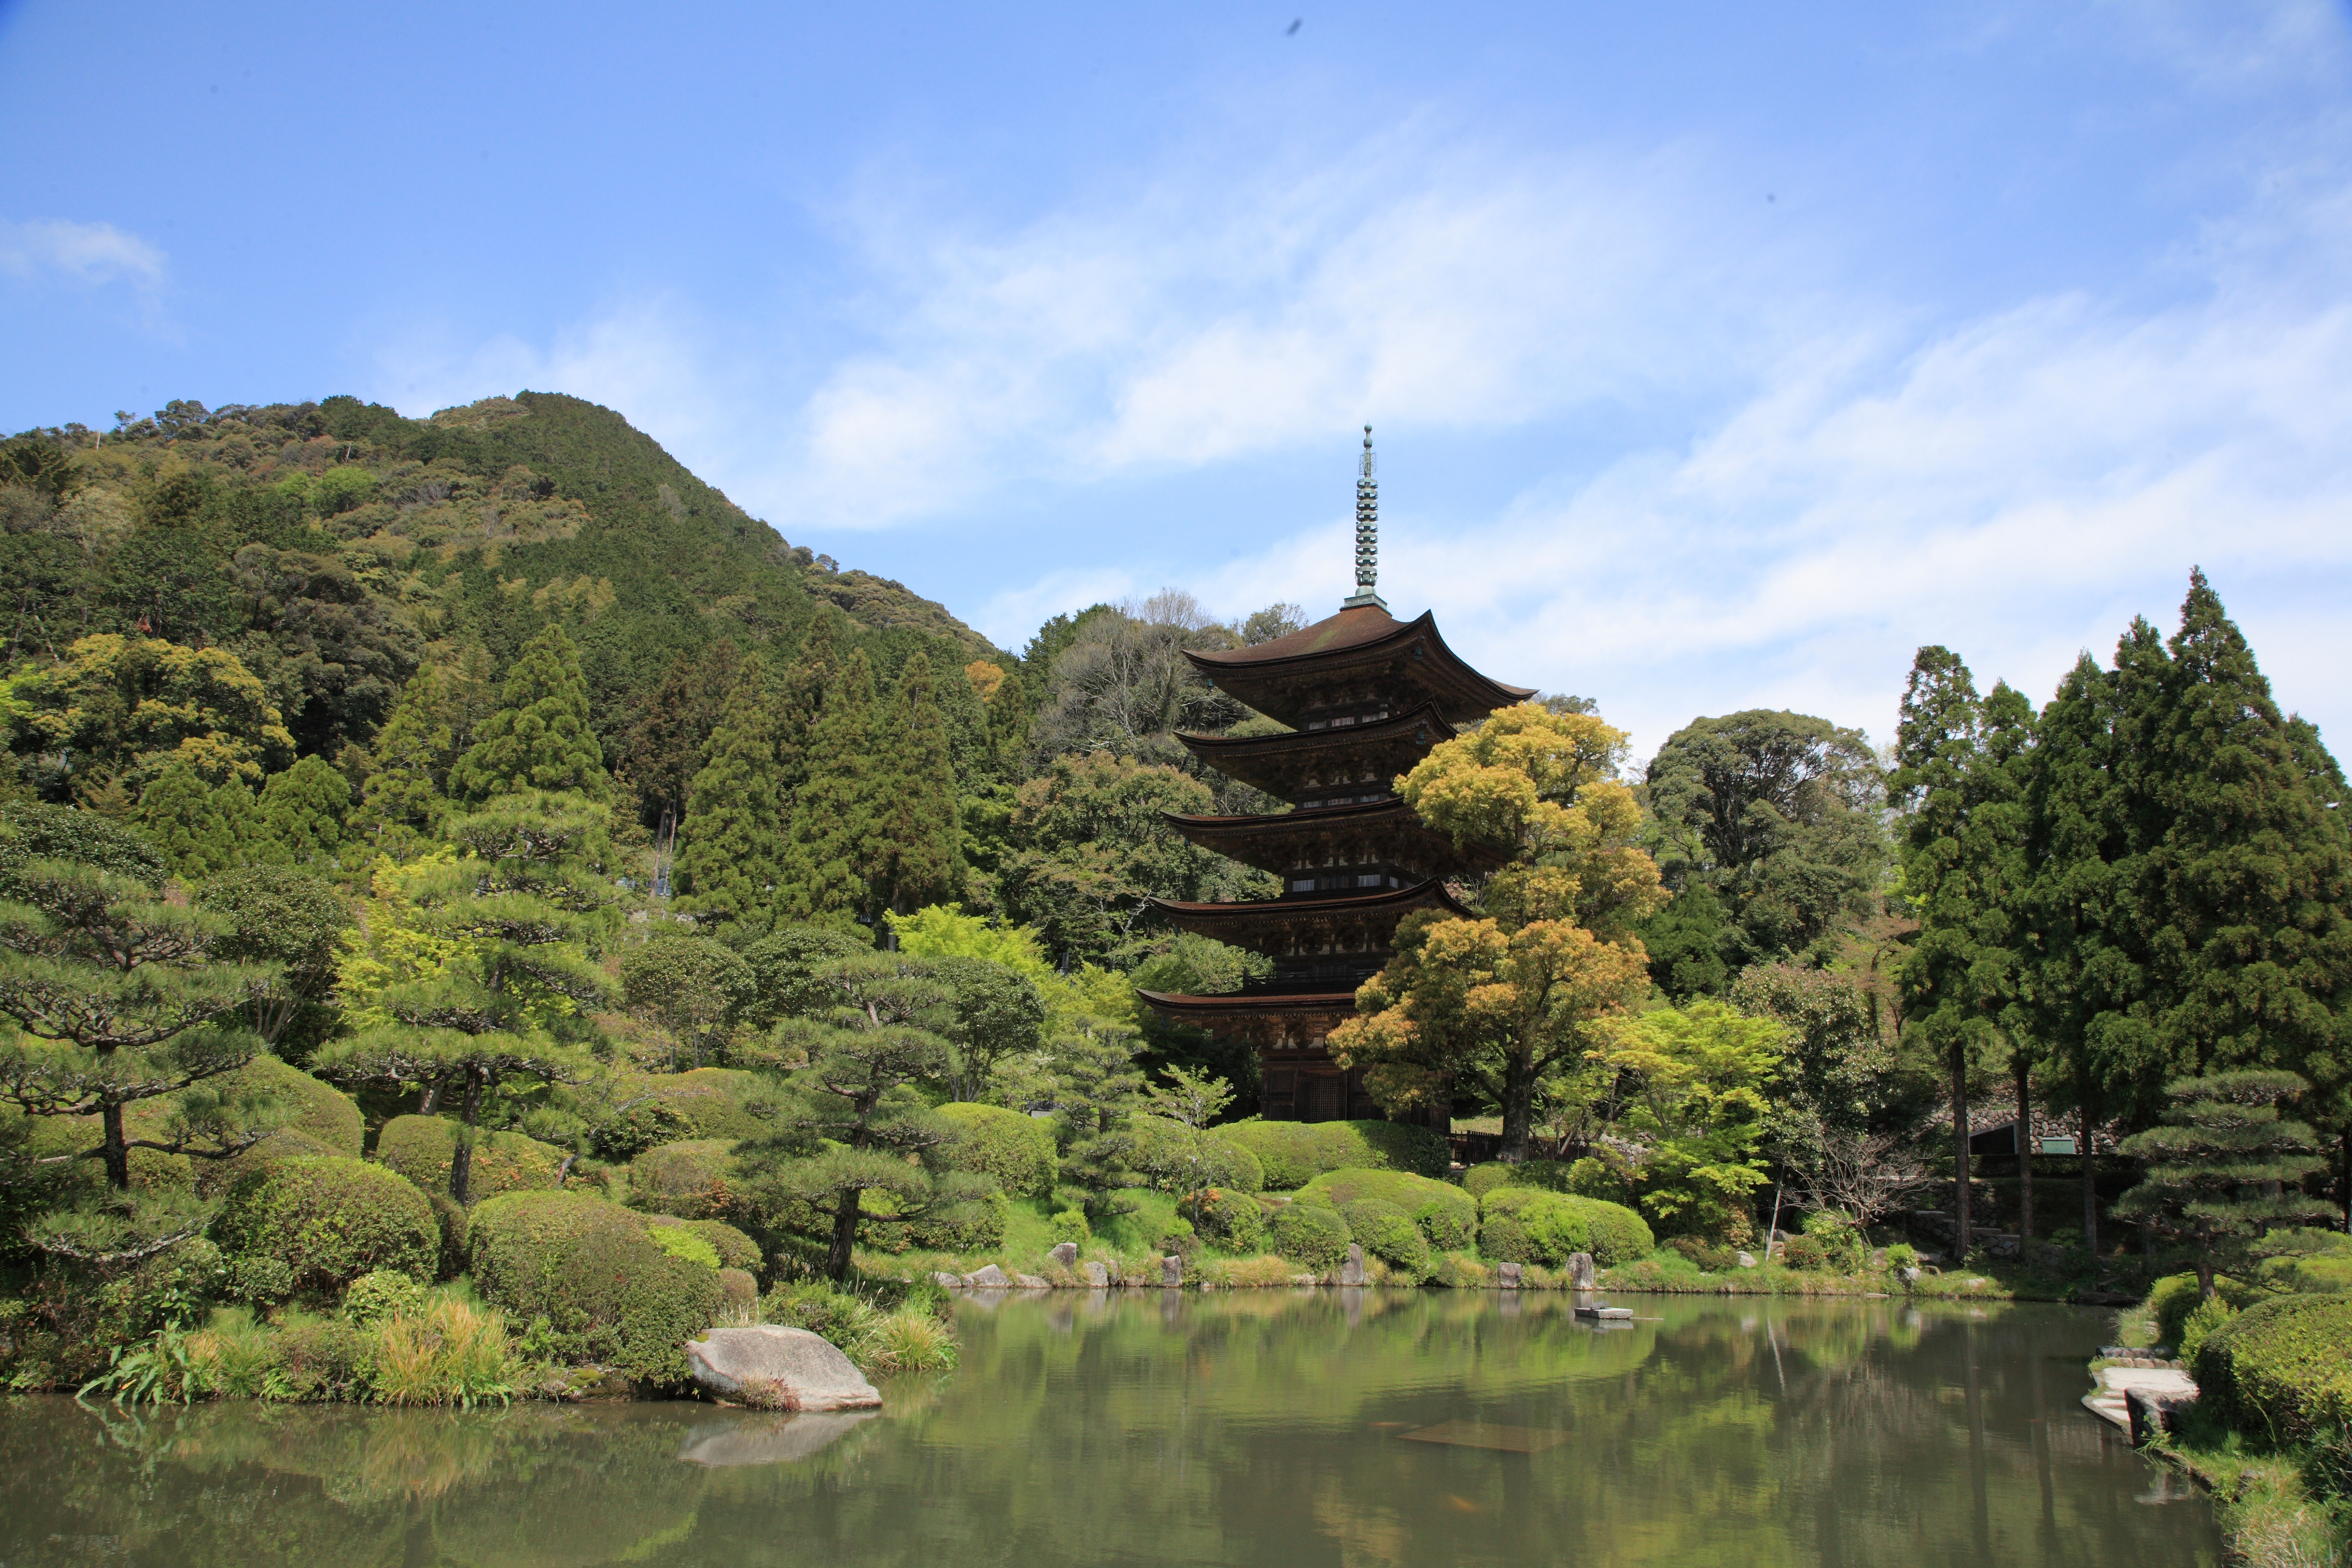 歴史的建築物や温泉も!?山口の観光スポットをご紹介!